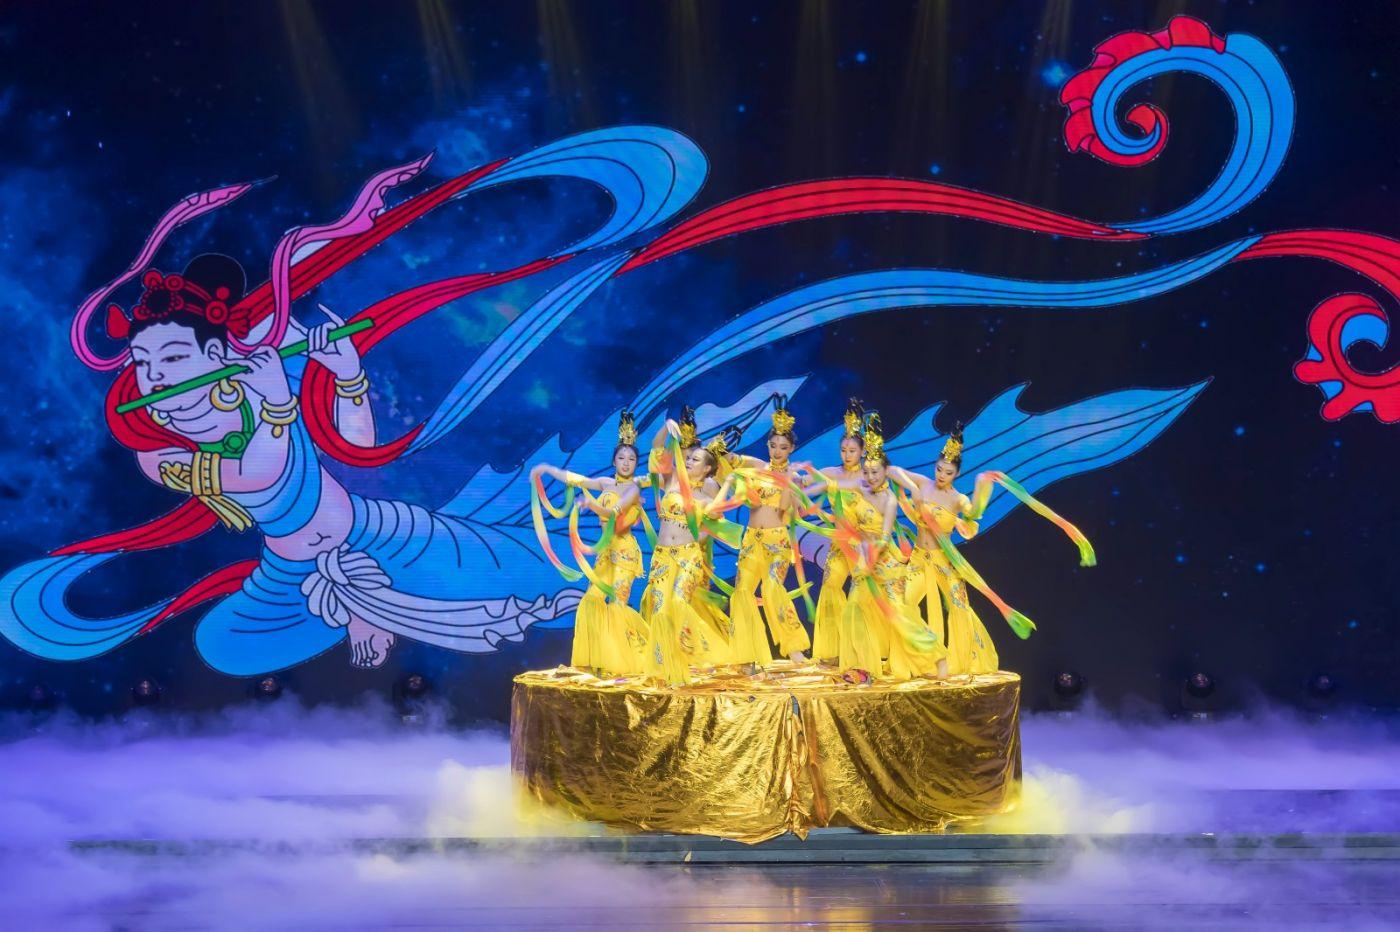 沂蒙大地上 有一种舞蹈叫飞天 这是几位临沂女孩的杰作 美轮美奂 ..._图1-65